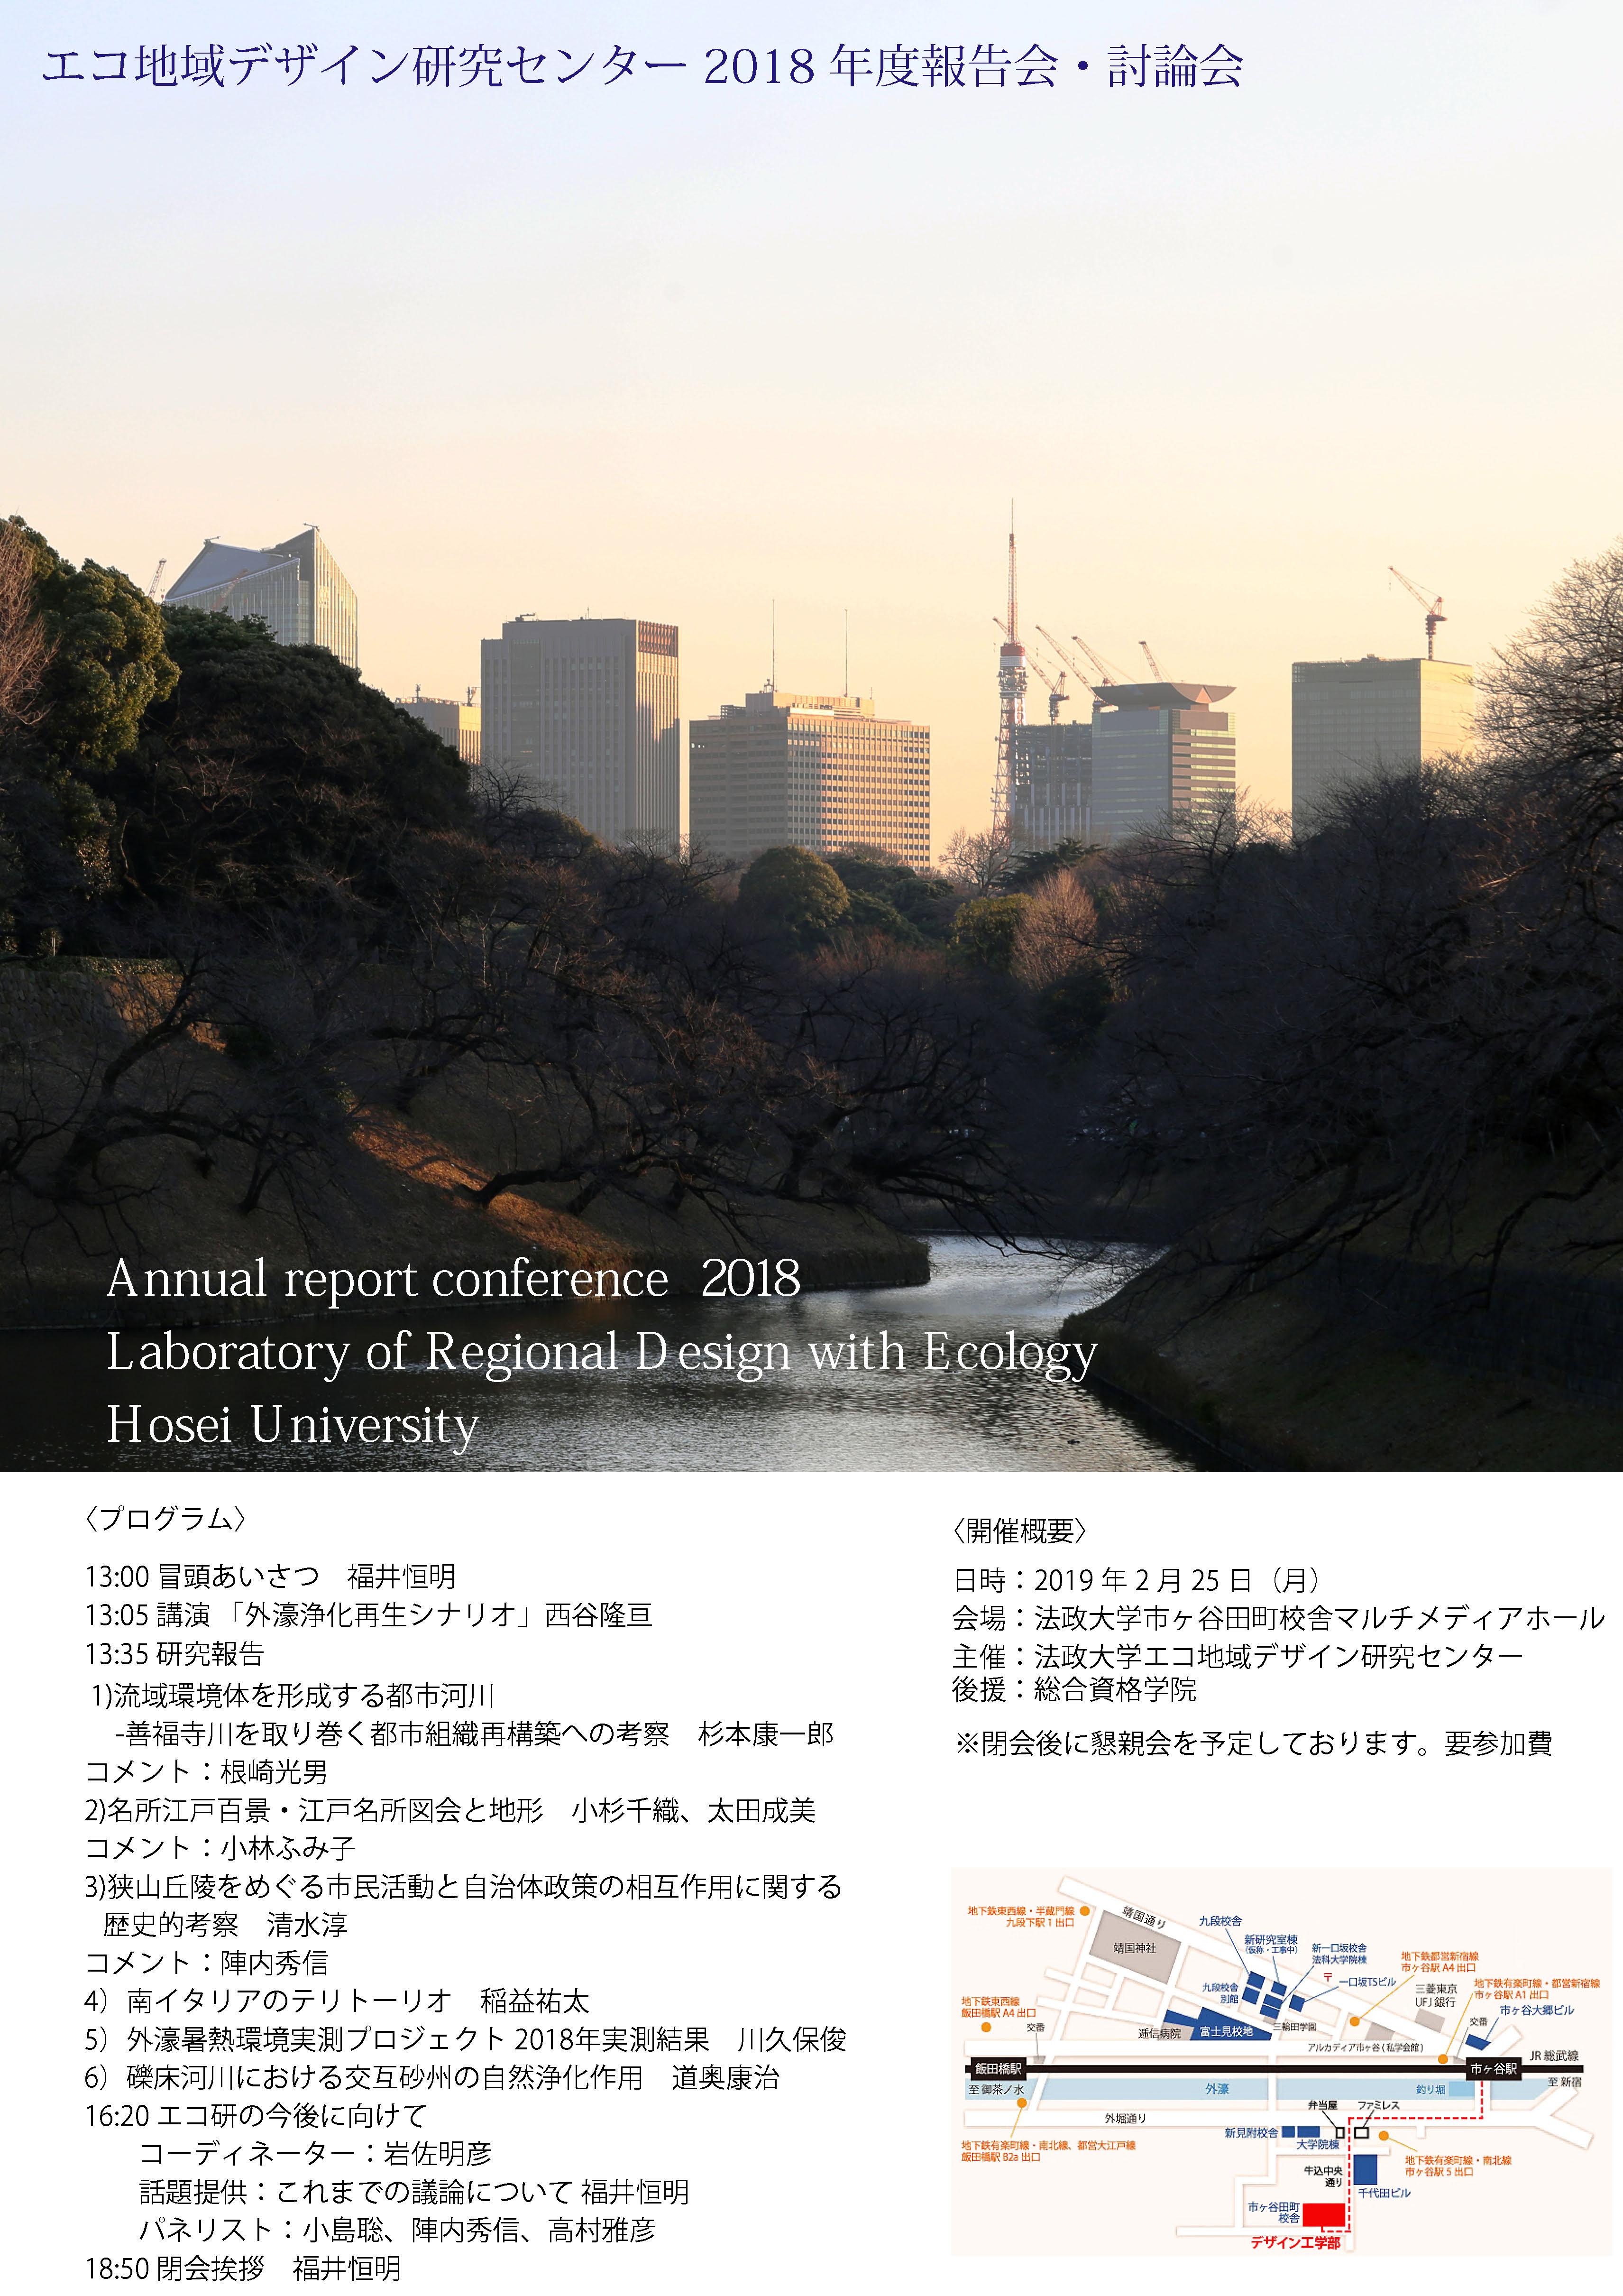 【お知らせ】エコ地域デザイン研究センター2018年度報告会を開催いたします。